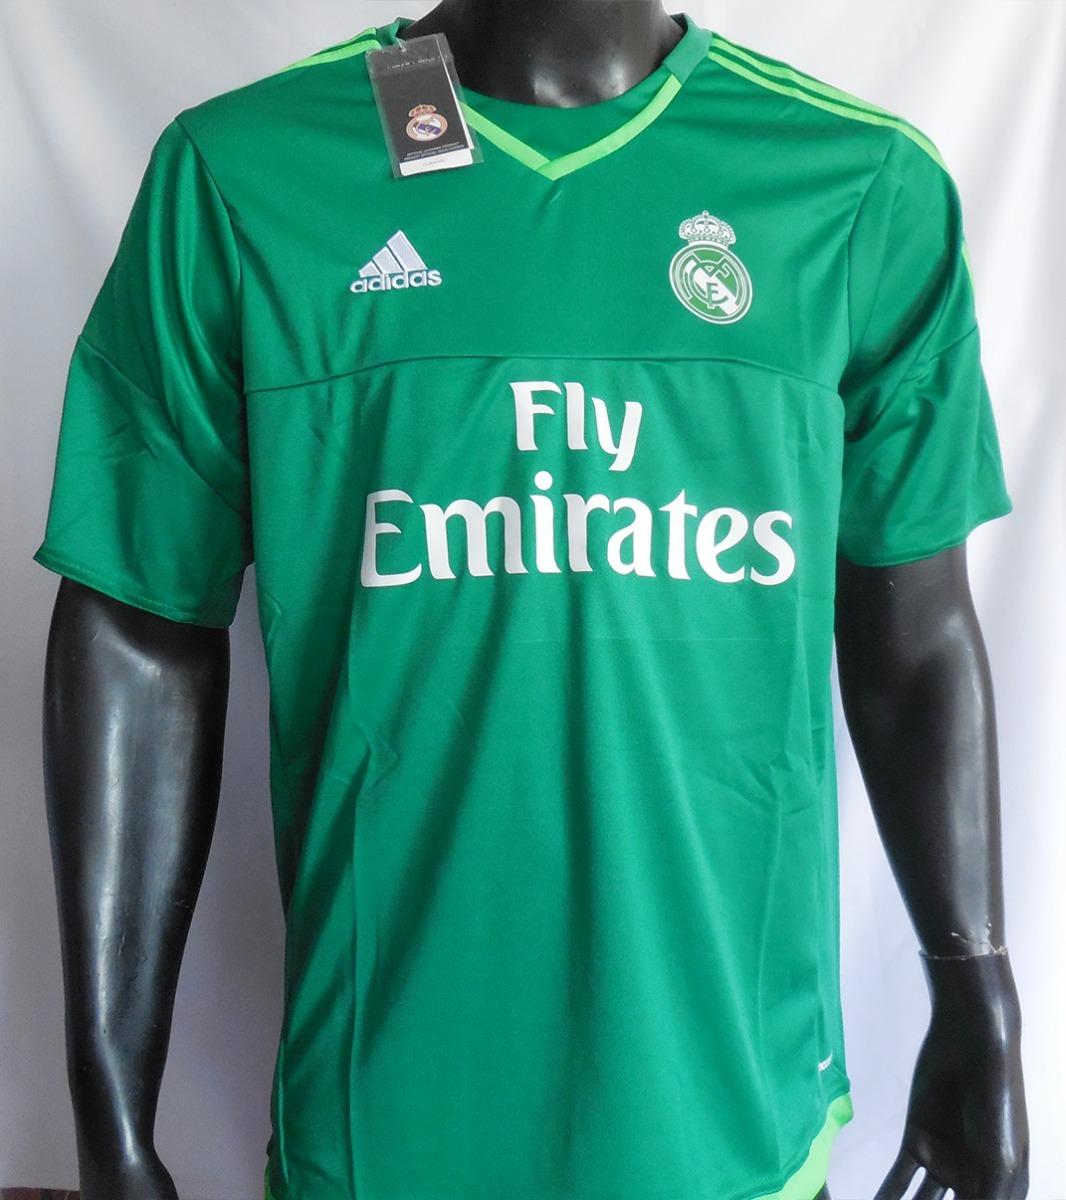 camiseta real madrid 15 16 arquero adidas. Cargando zoom. 4c1ea52c94eb3